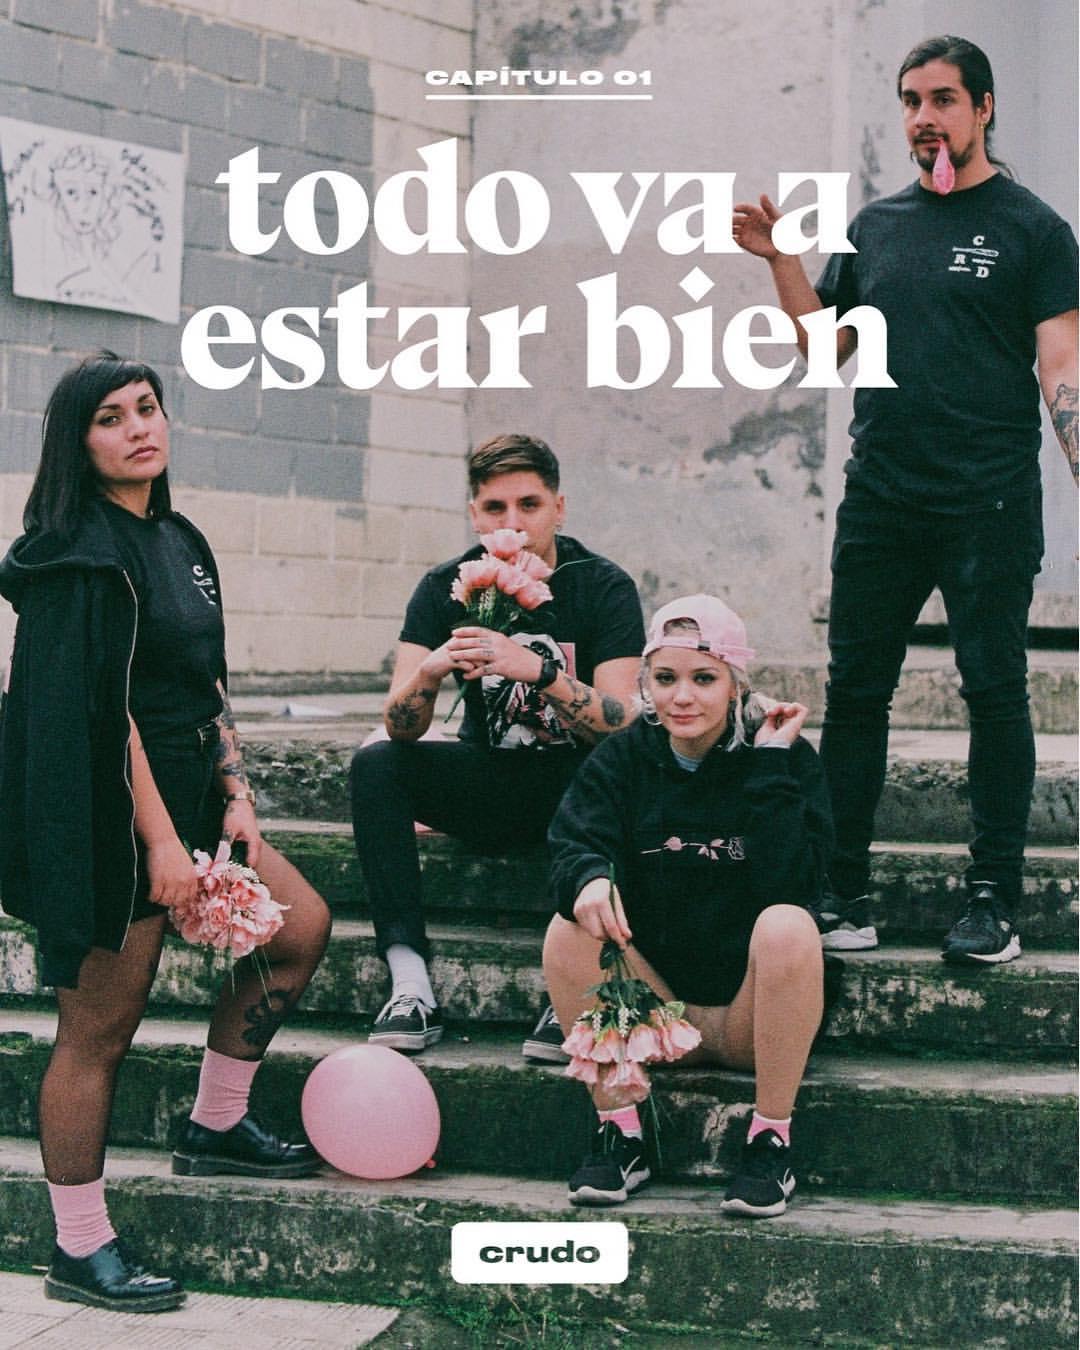 Crudo, una marca chilena que representa la bipolaridad de nuestros tiempos